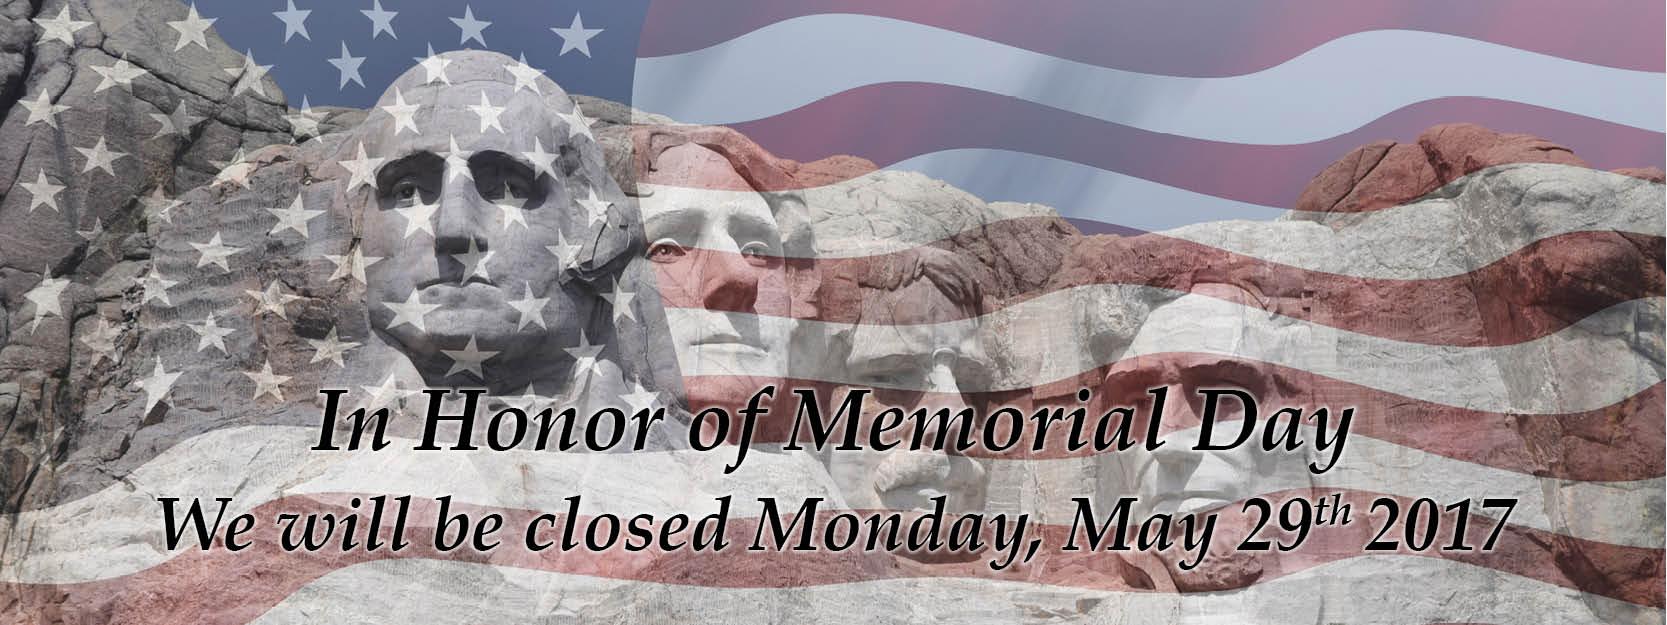 Closed Monday May 2017